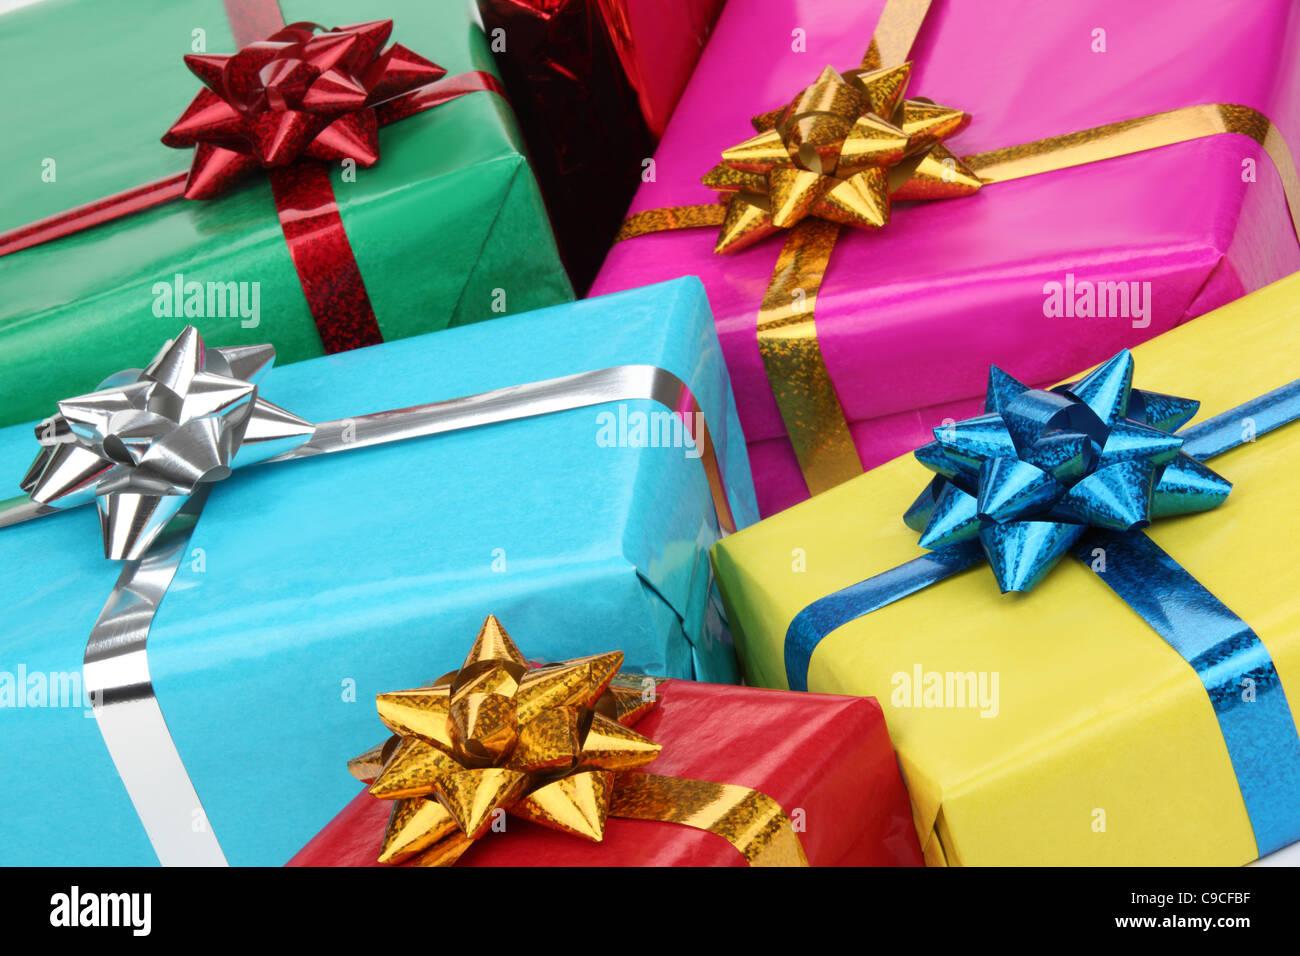 Nahaufnahme der bunte Geschenke Boxen. Stockbild